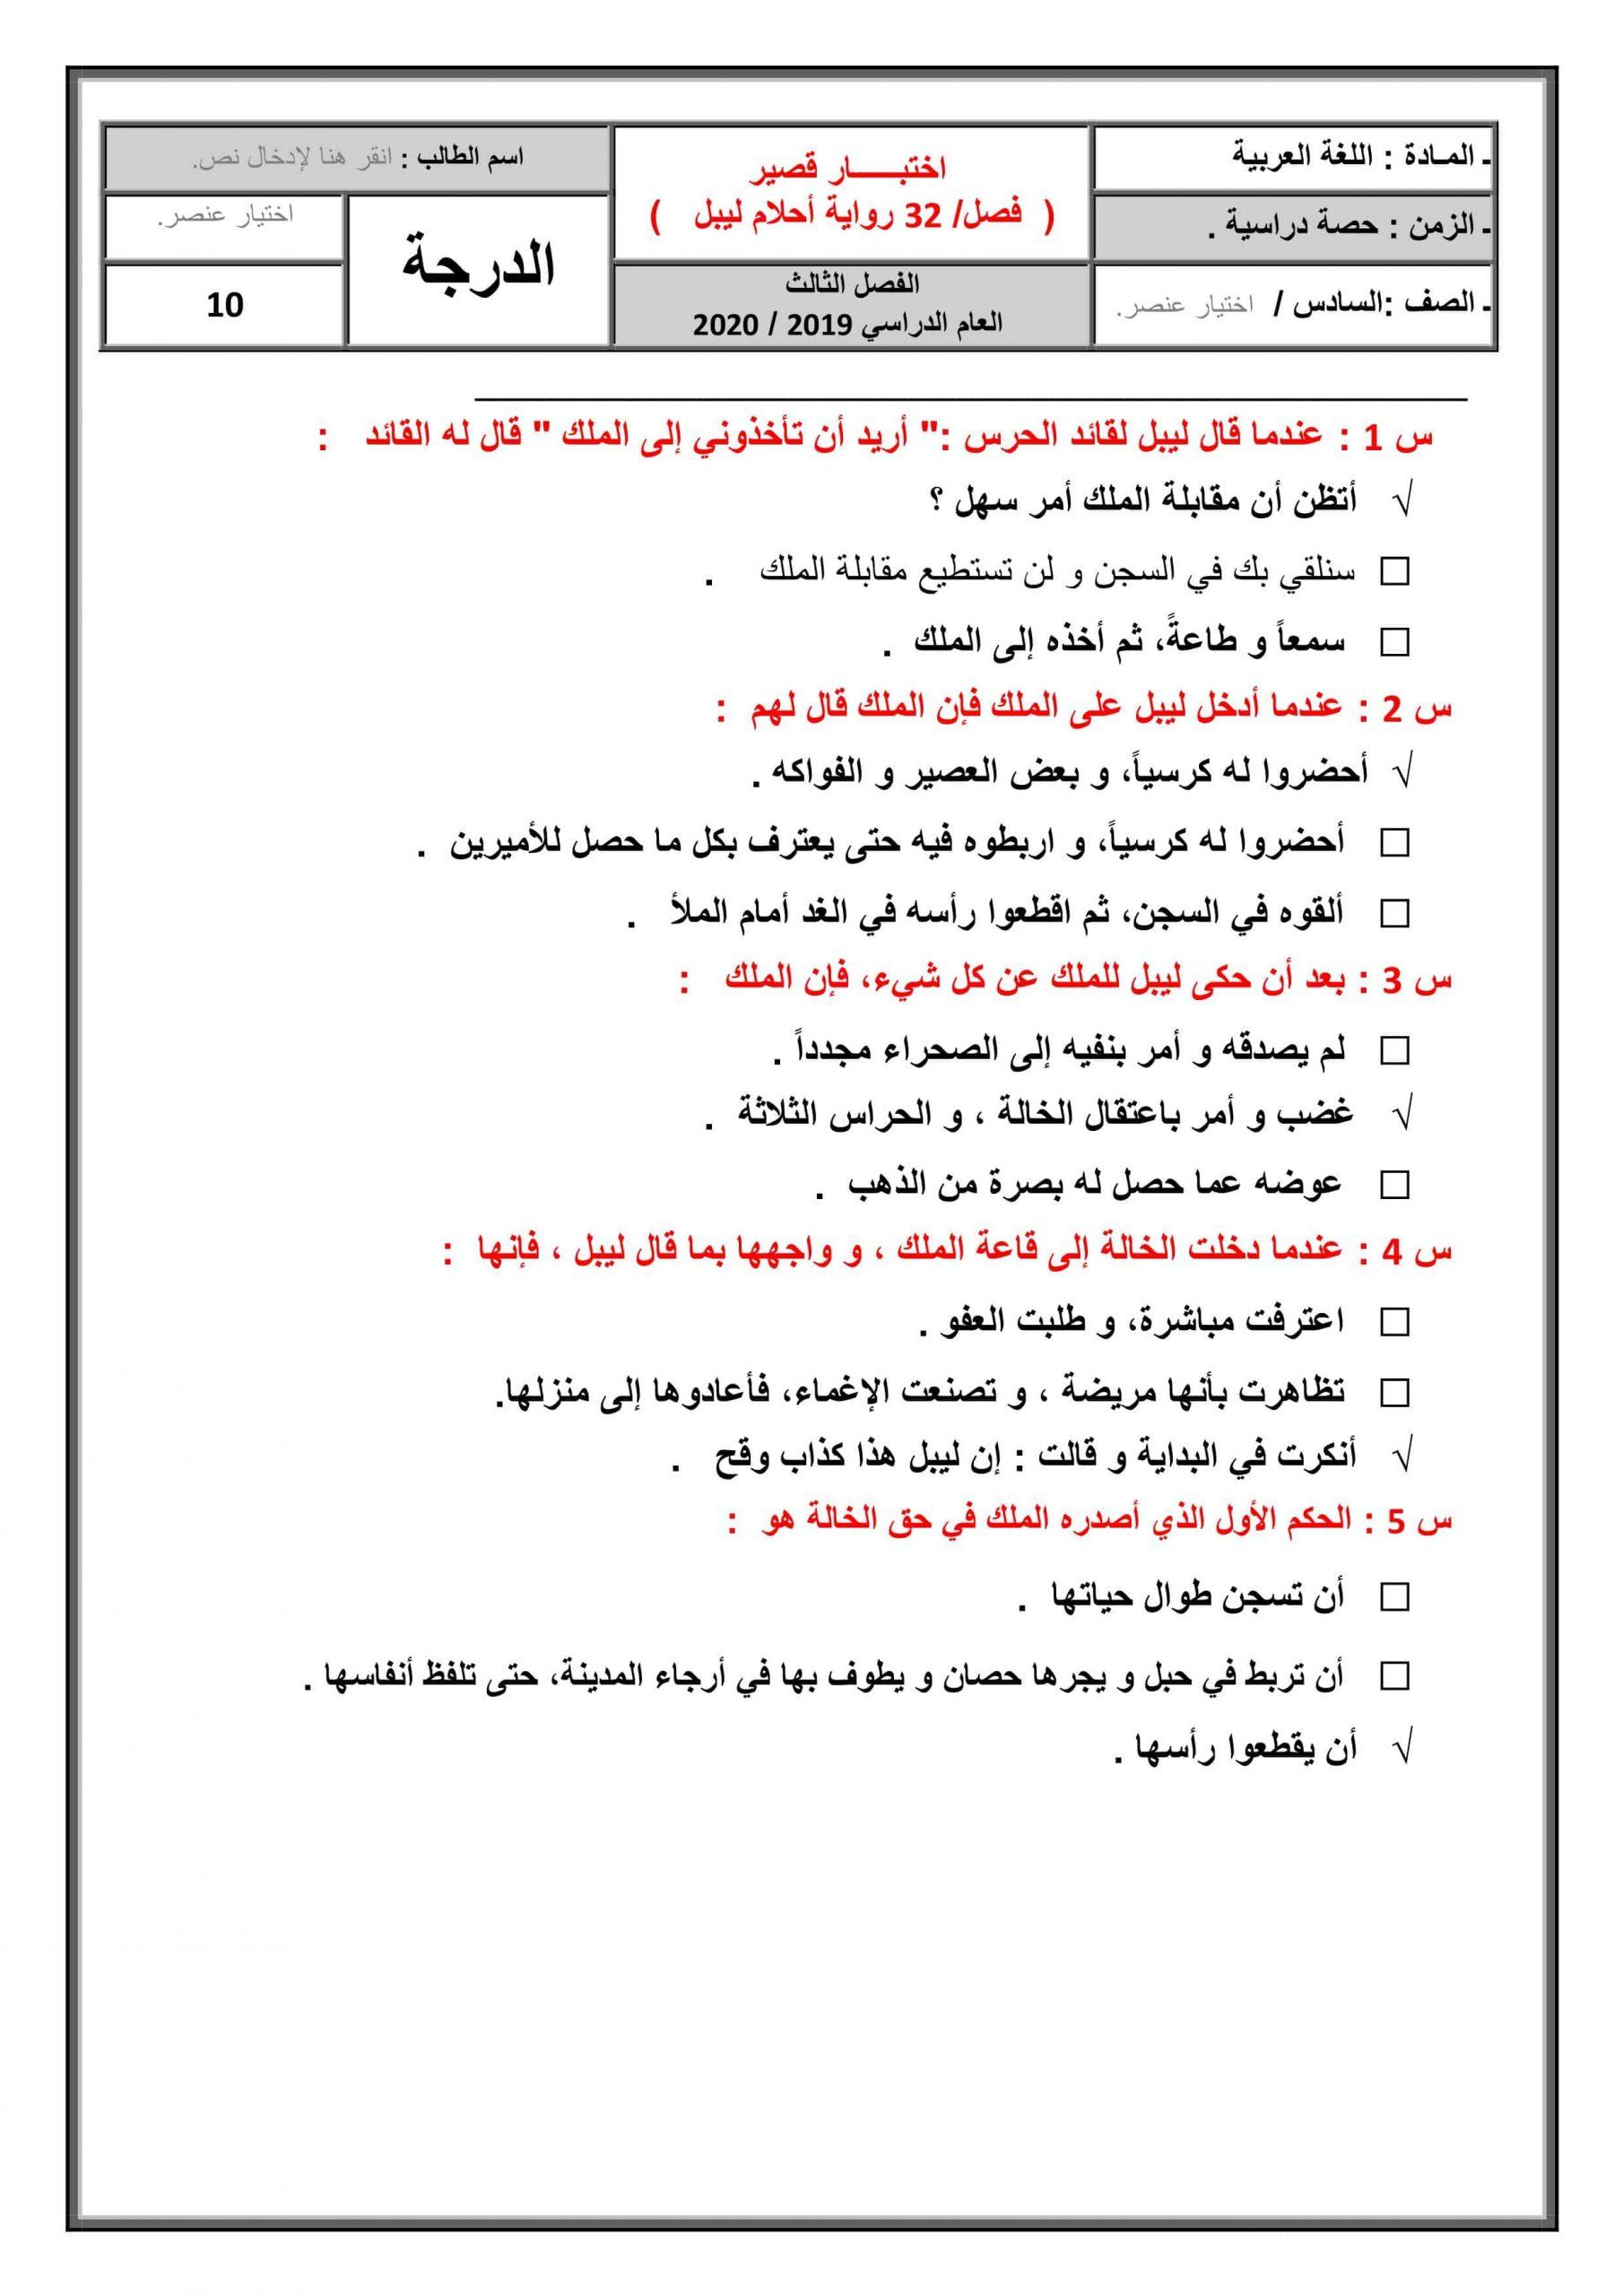 حل اختبار قصير لرواية أحلام ليبل السعيدة الفصل الثاني والثلاثون الصف السادس مادة اللغة العربية